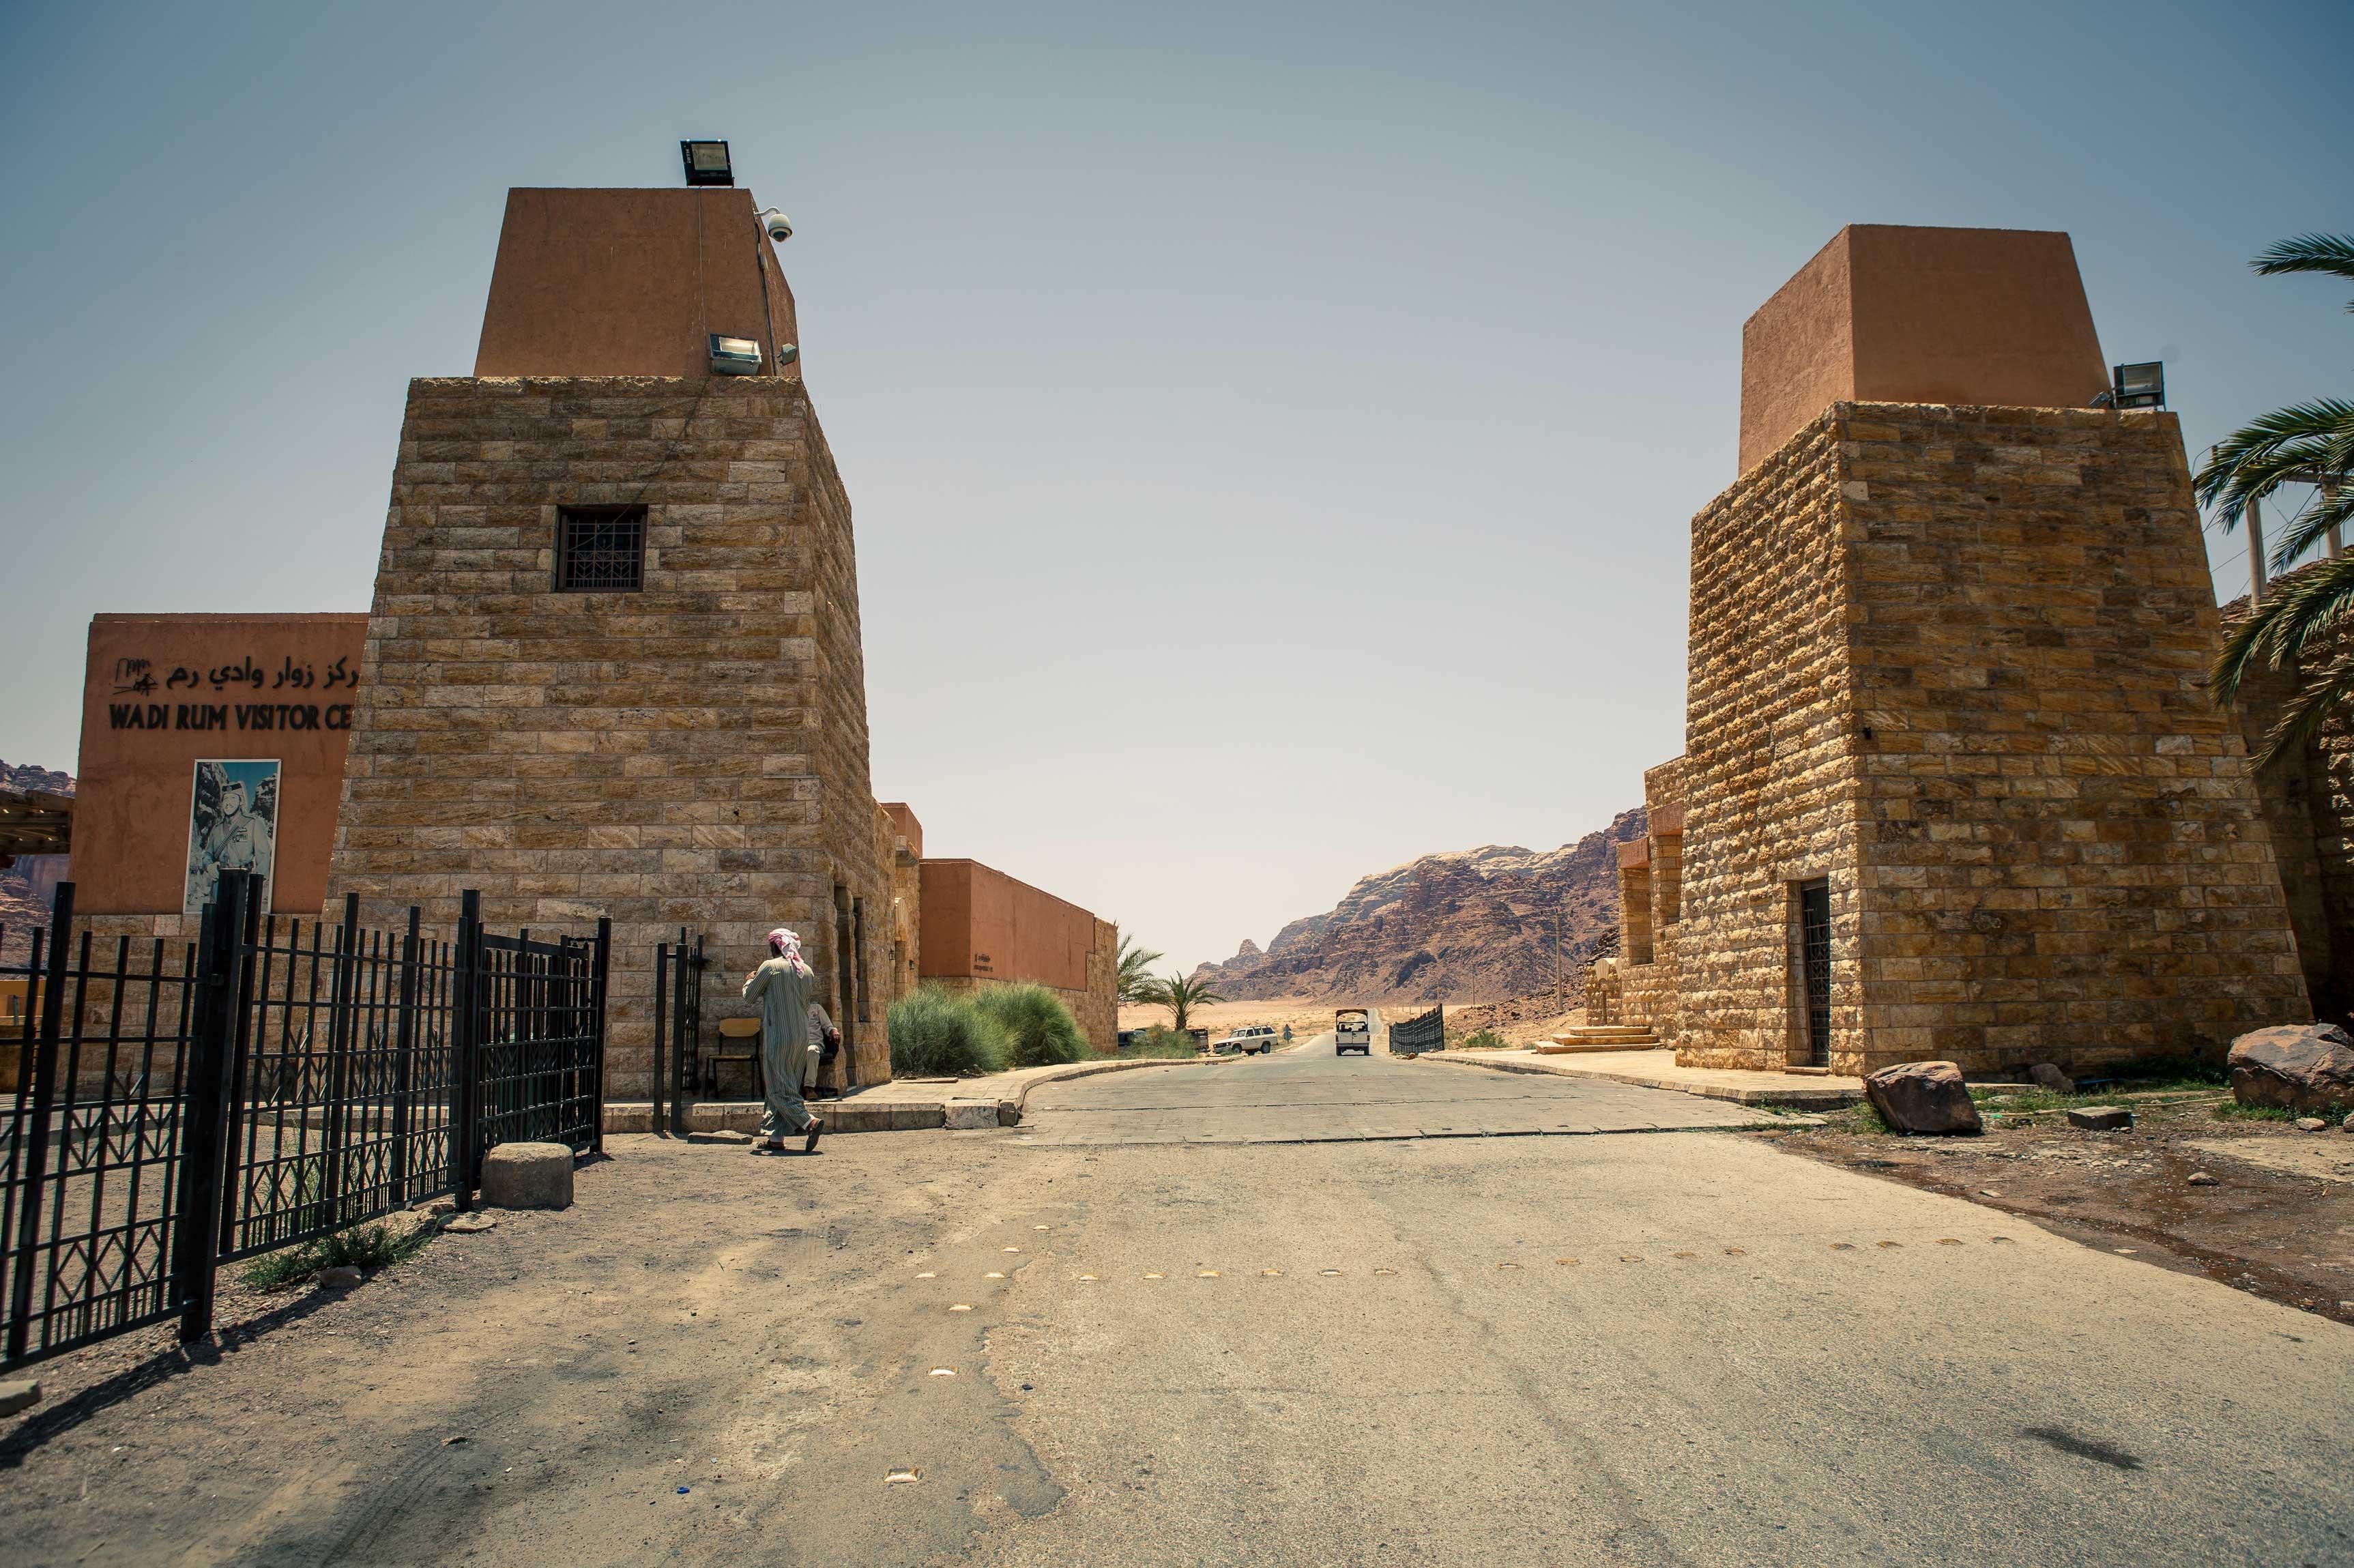 Wadi Rum Visitors Center - Aqaba